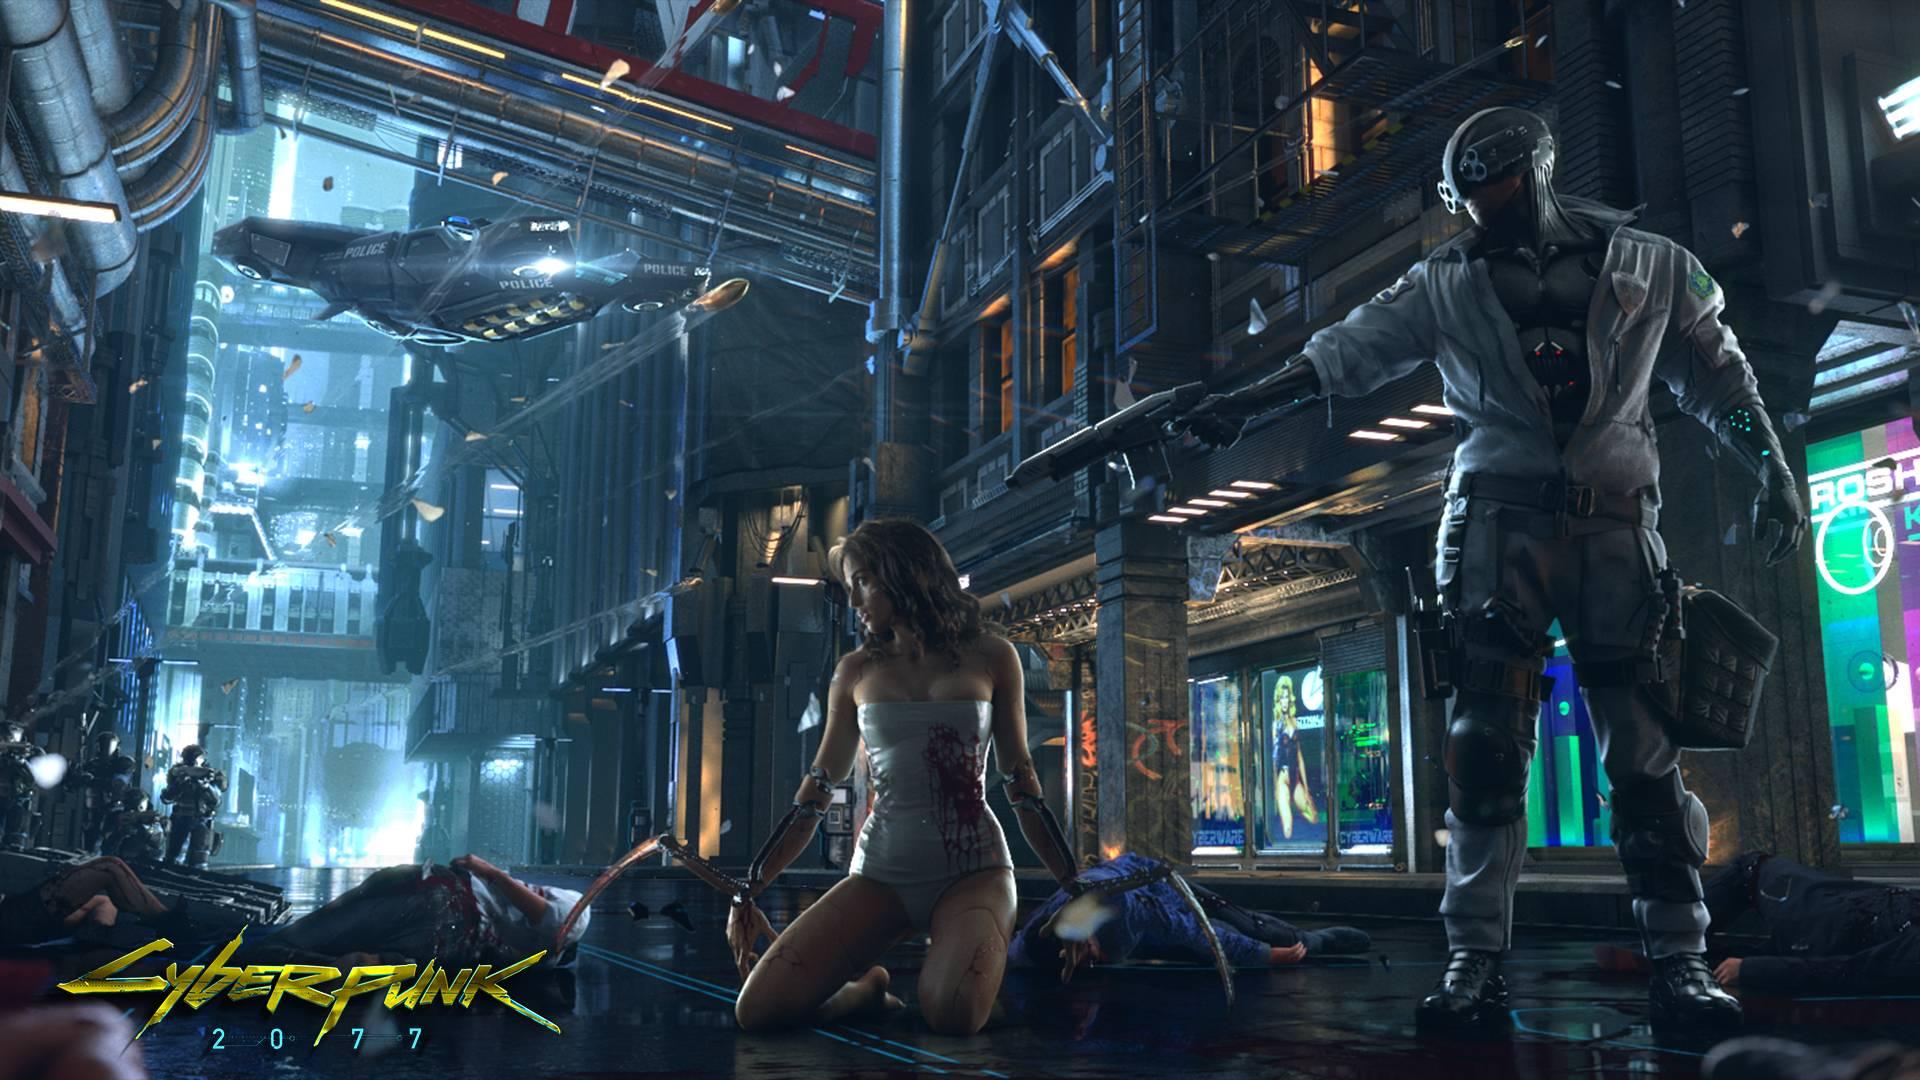 Cyberpunk2077とかいう期待されすぎてて怖いゲーム